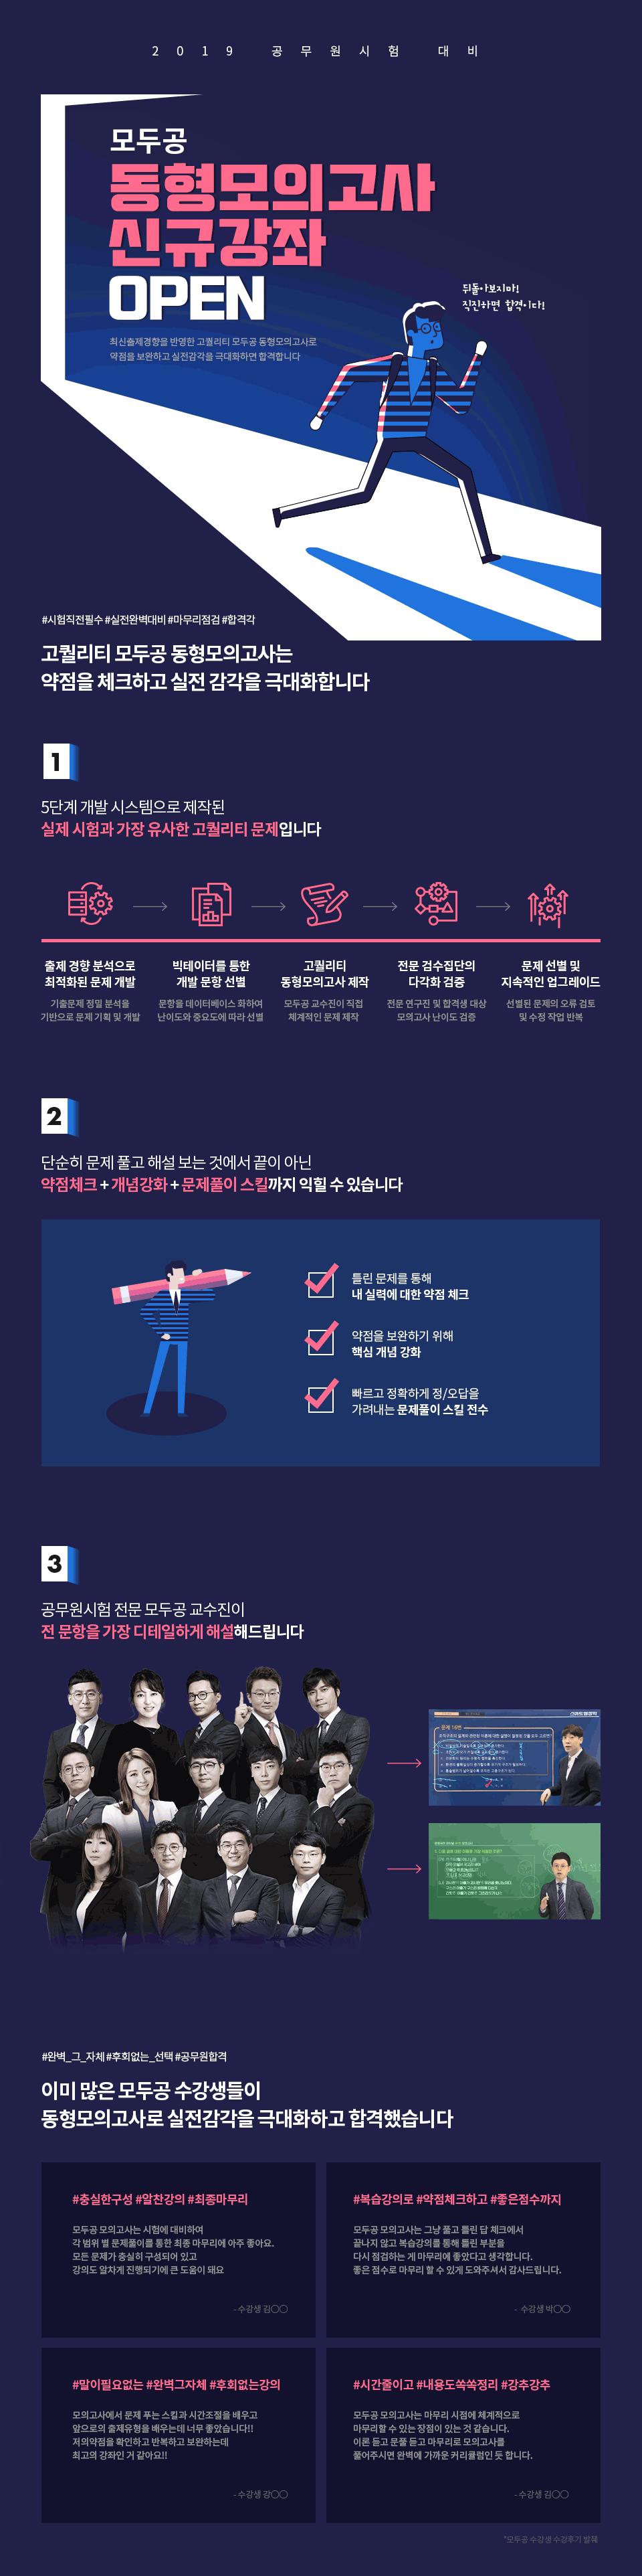 2019 모두공 동형모의고사 신규강좌 & 전과목 패스